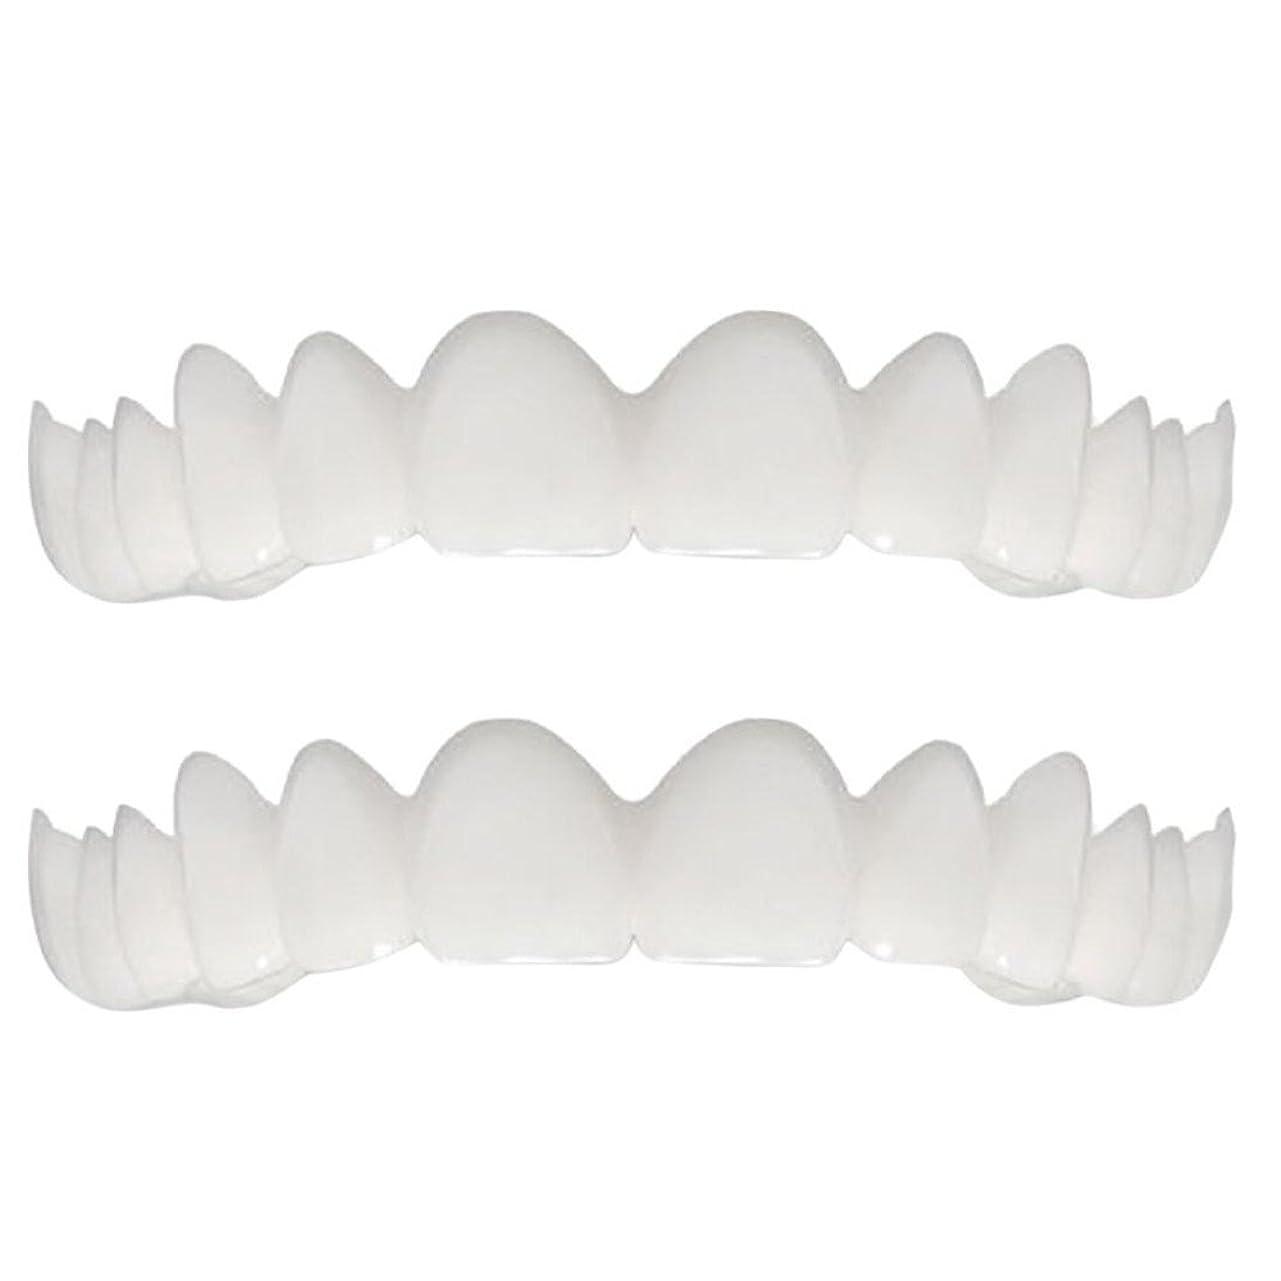 練る遺跡テキスト柔らかい歯の総義歯と合うシリコーンのシミュレーションの上下の総義歯(5セット),Opp